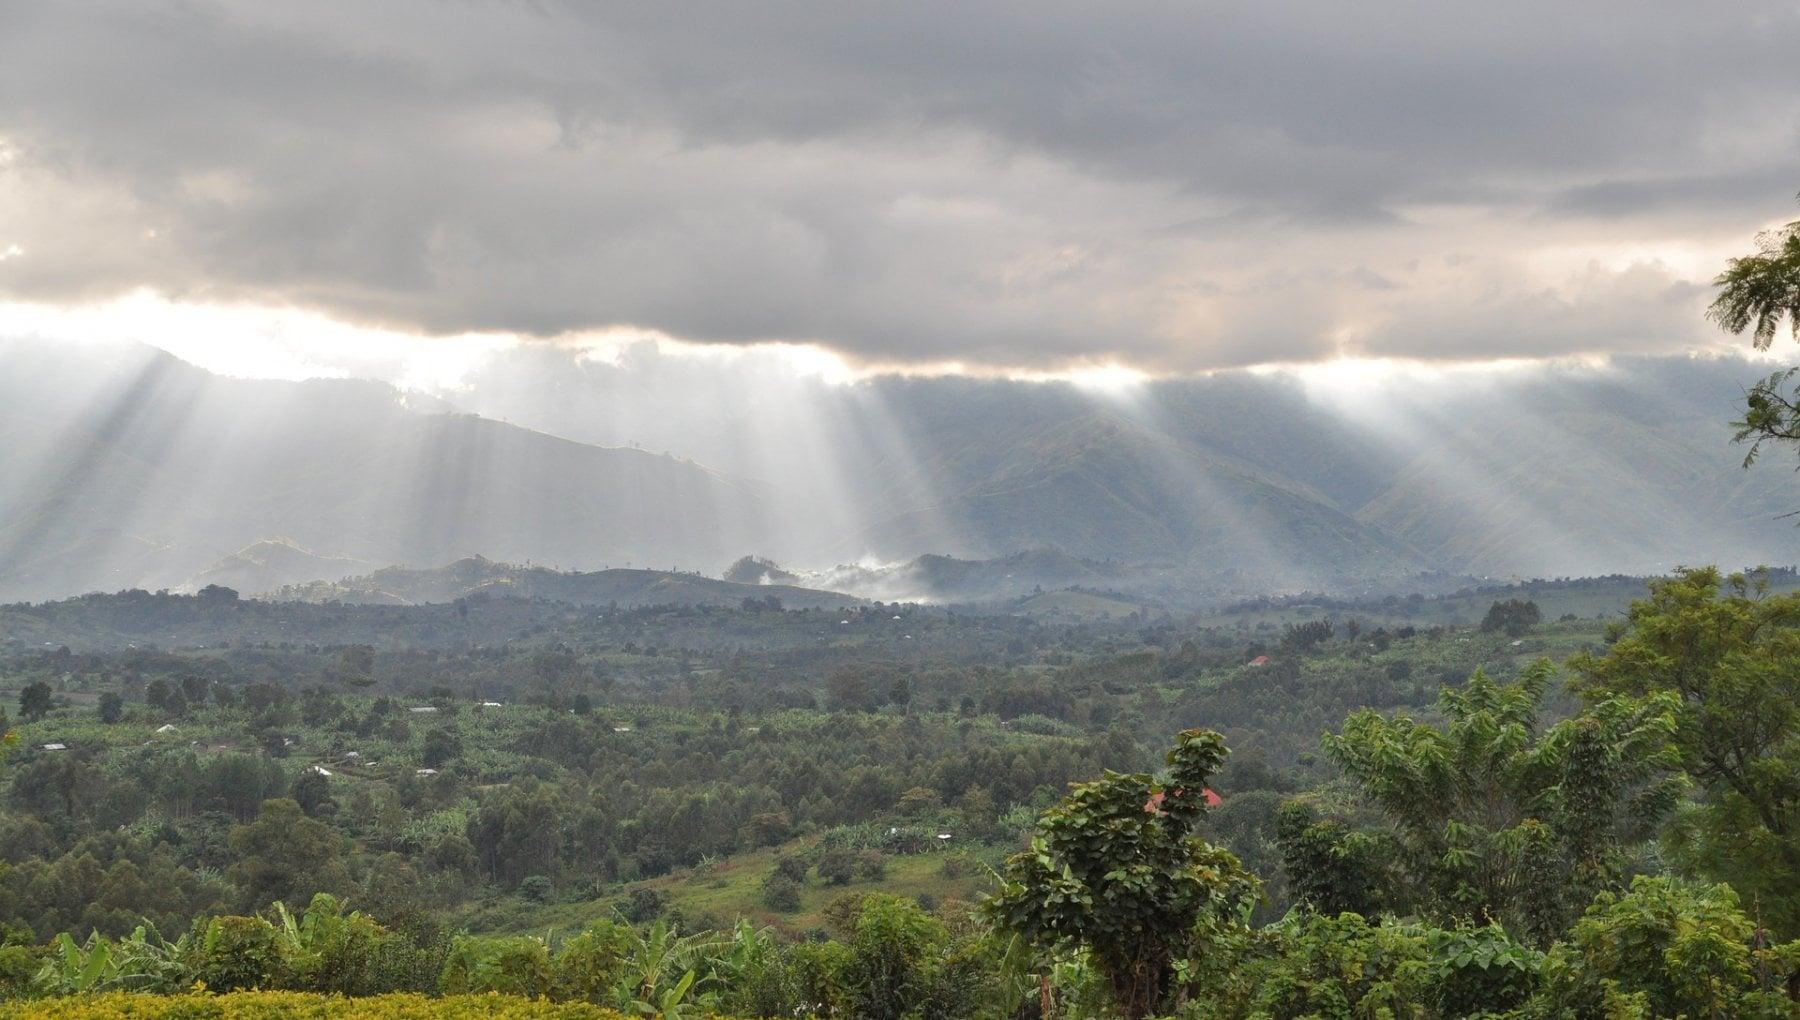 Africa buone notizie dal satellite in alcuni Stati cala la deforestazione